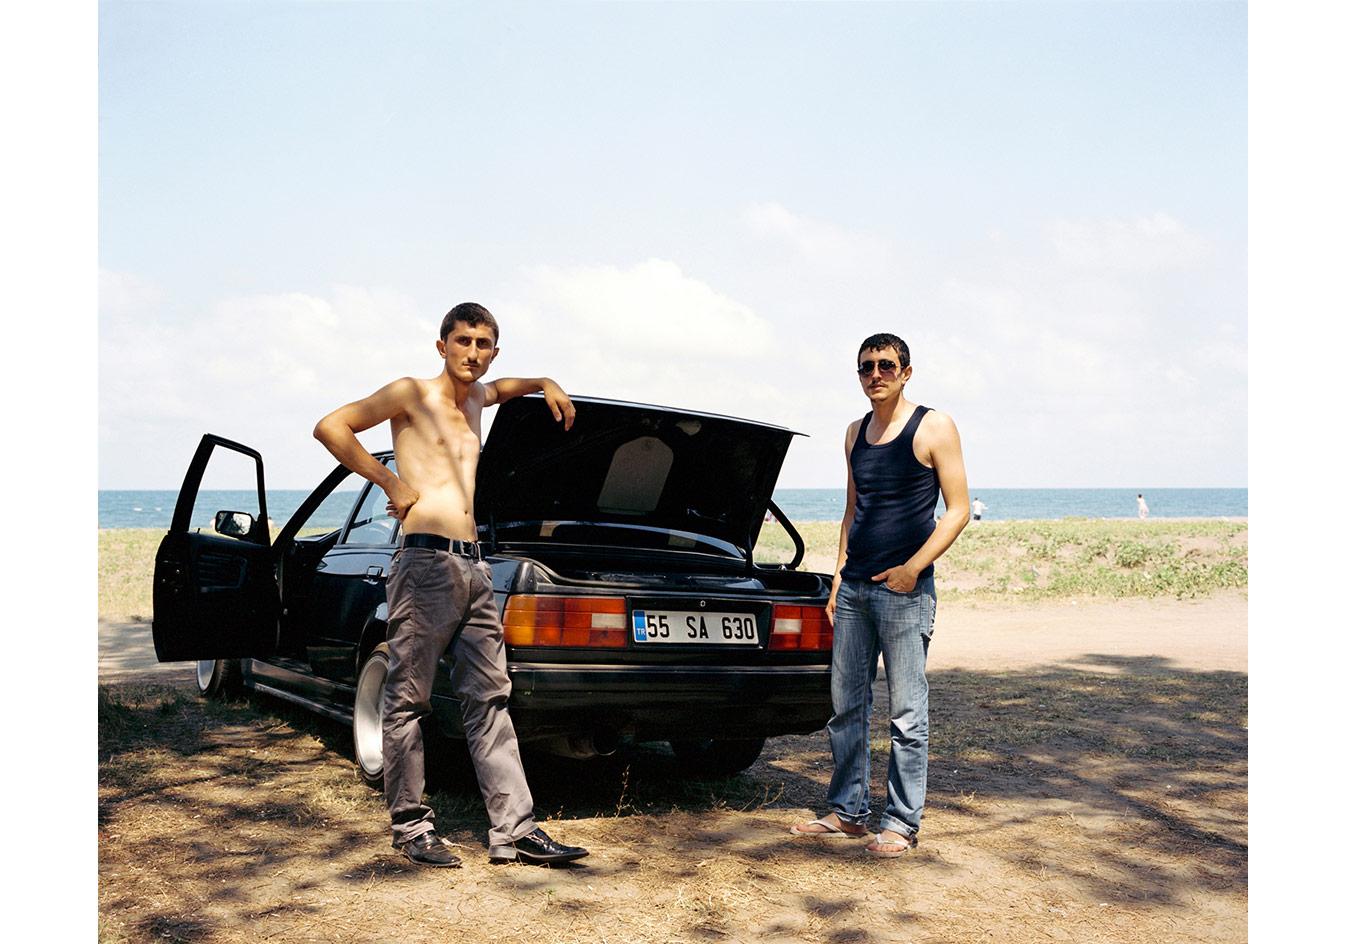 Arabalarının önünde poz veren iki adam, Samsun © Mathias Depardon